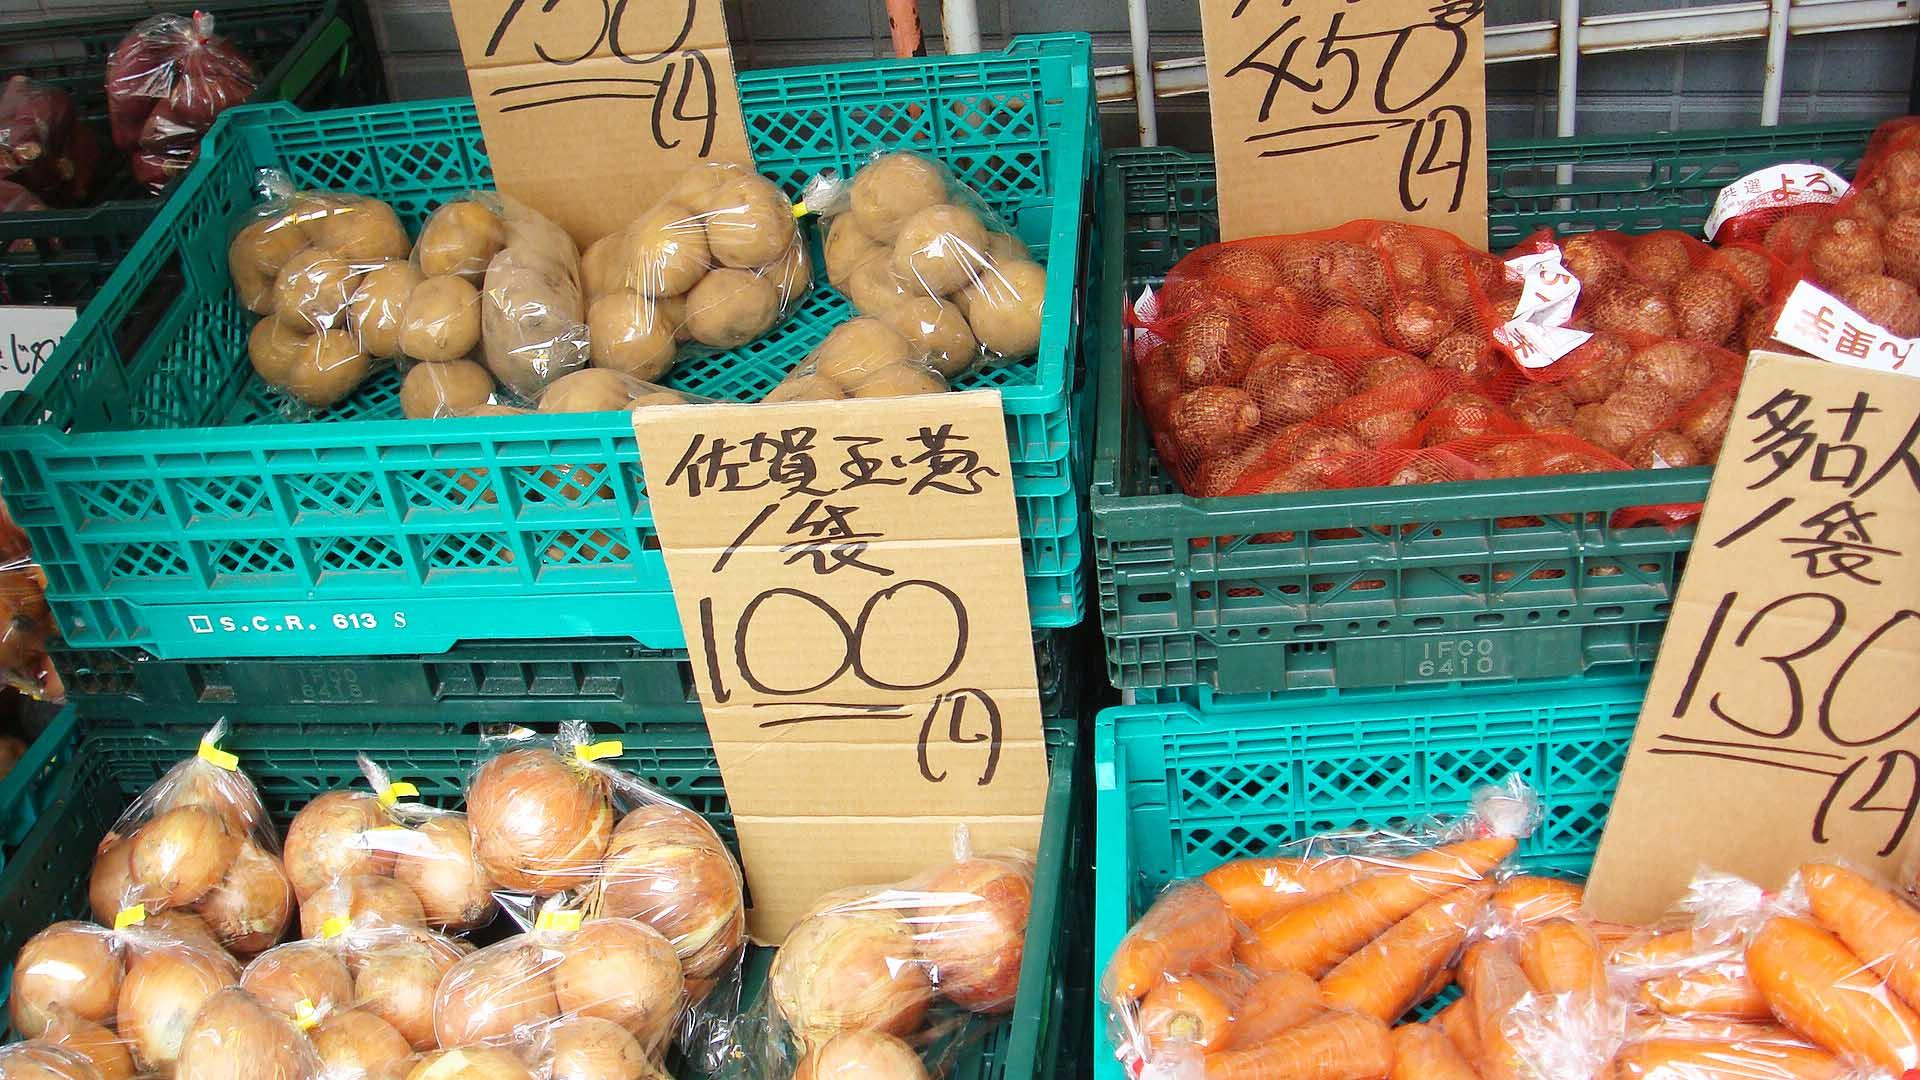 野菜をおもいっきり買いたい、の声に応えてくれる!